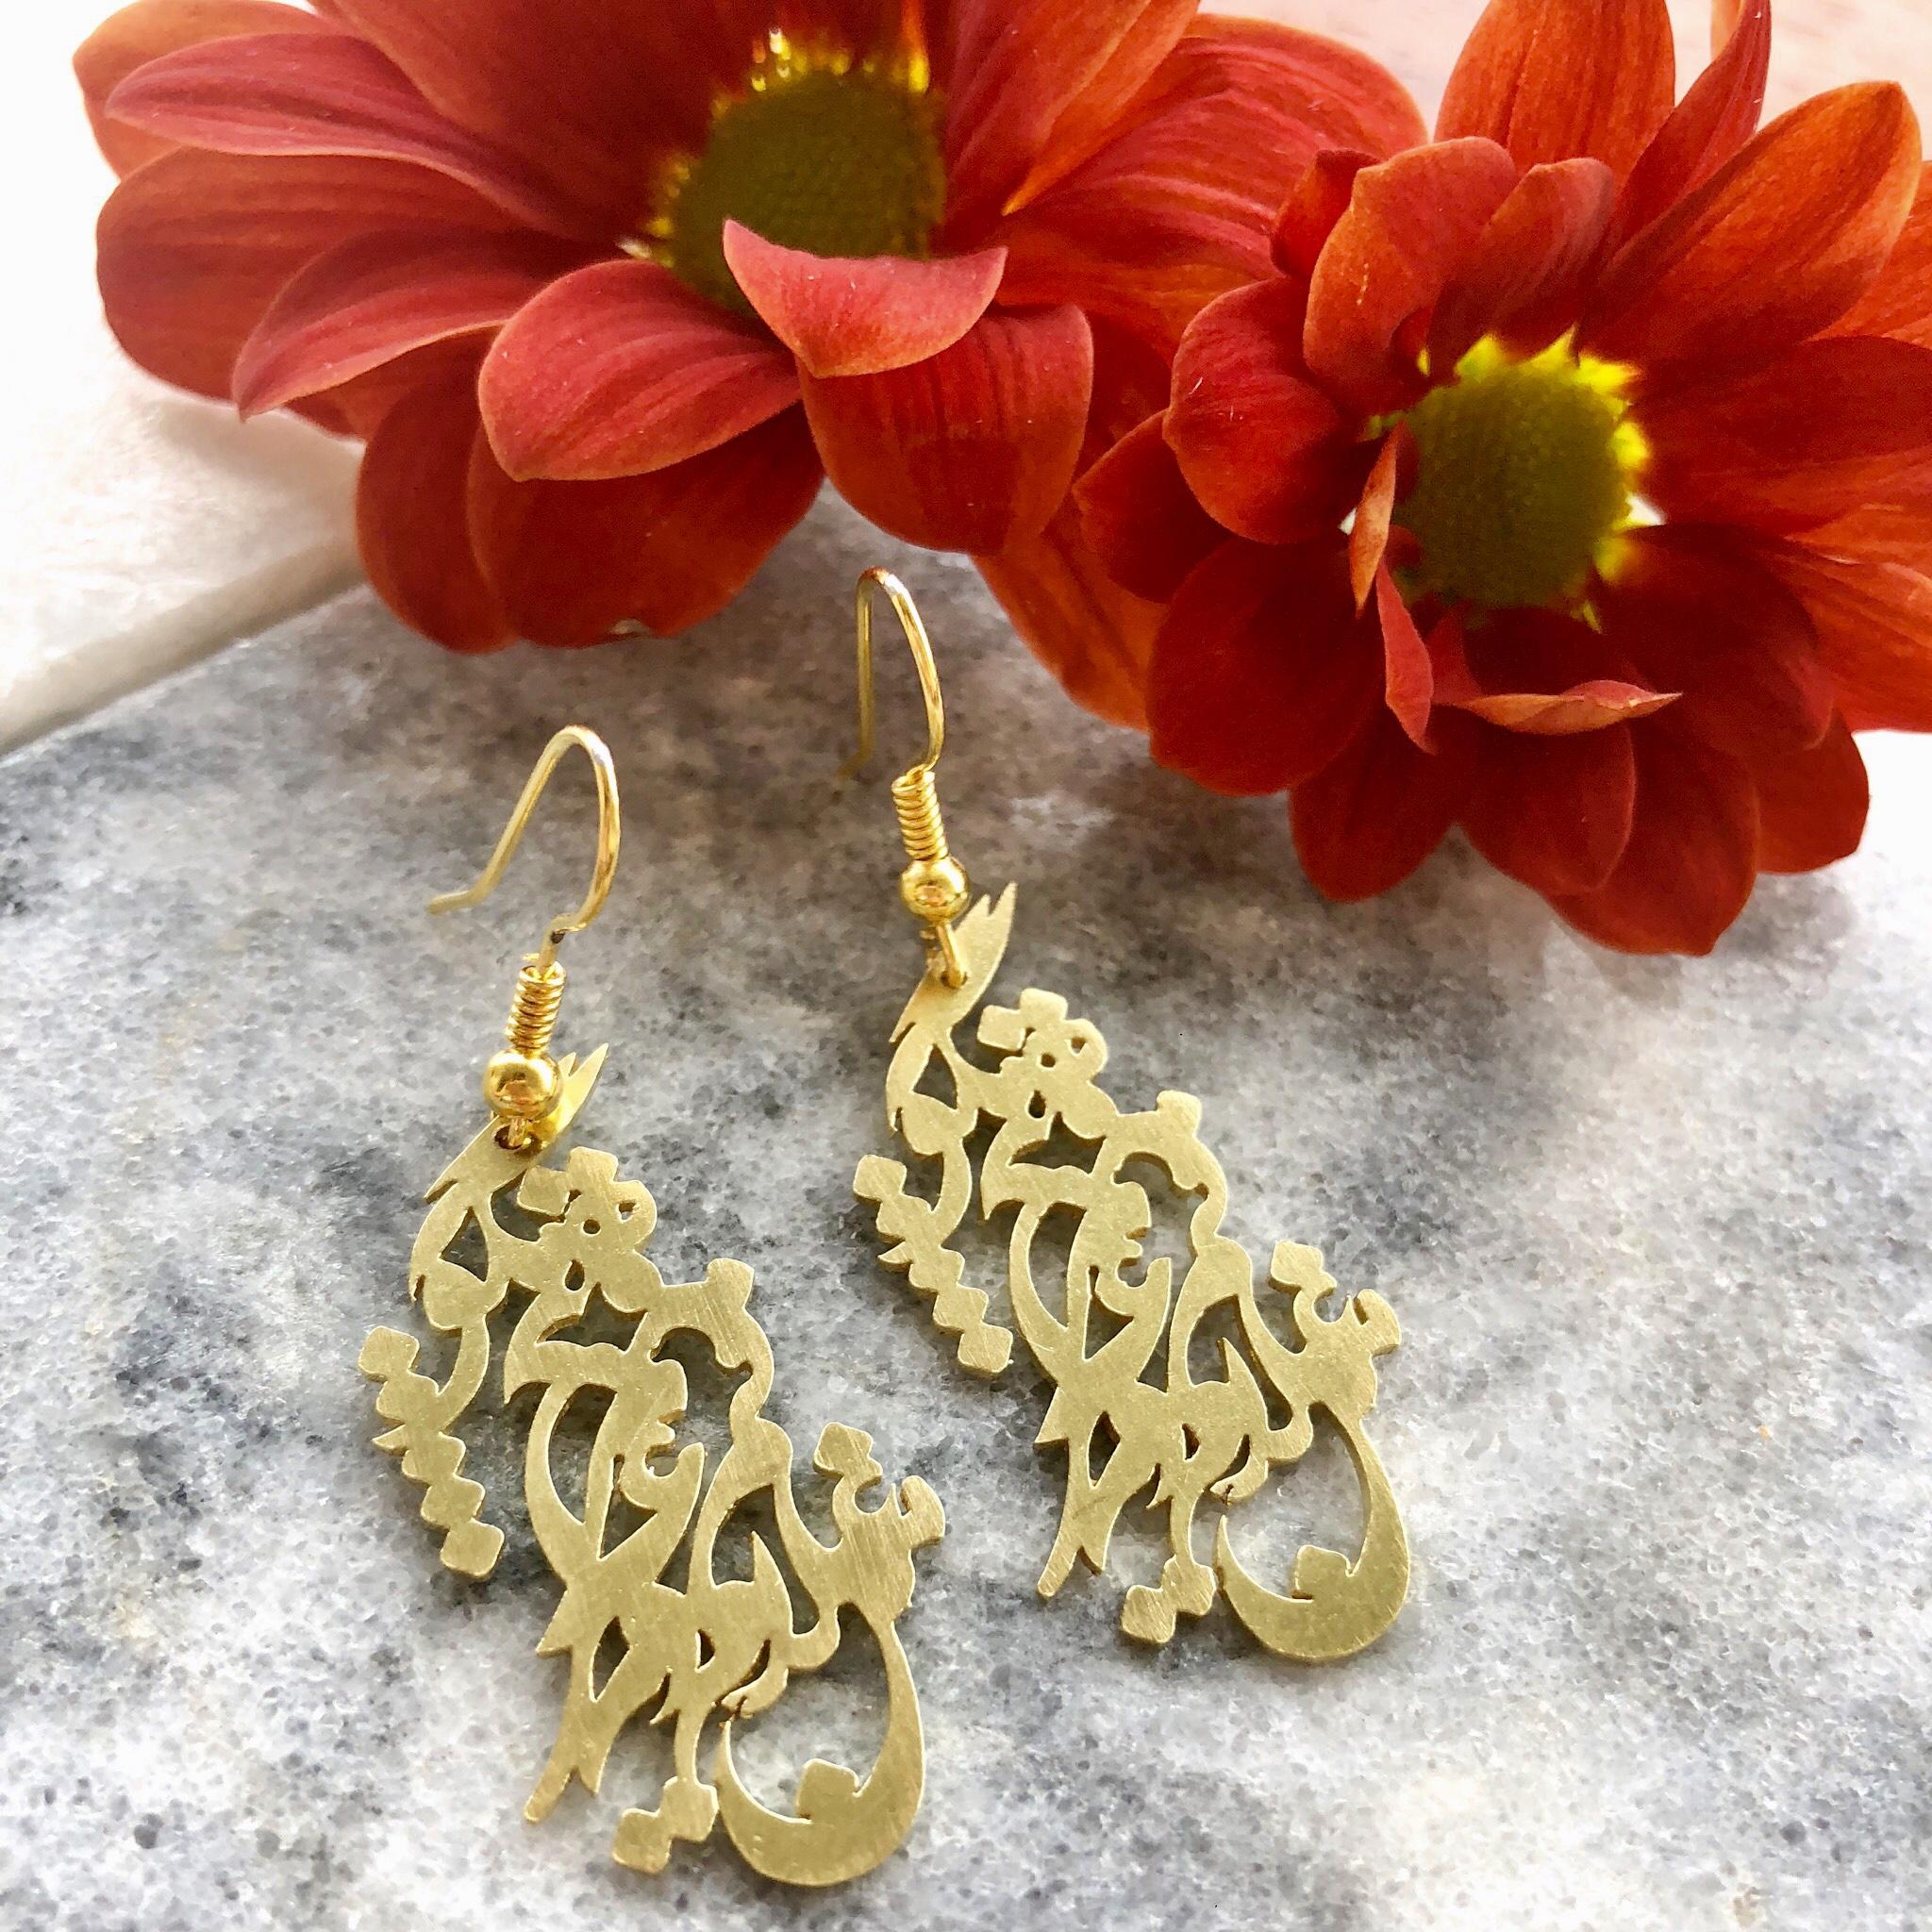 Handmade brass earrings من غلام قمرم غير قمر هيچ نگو